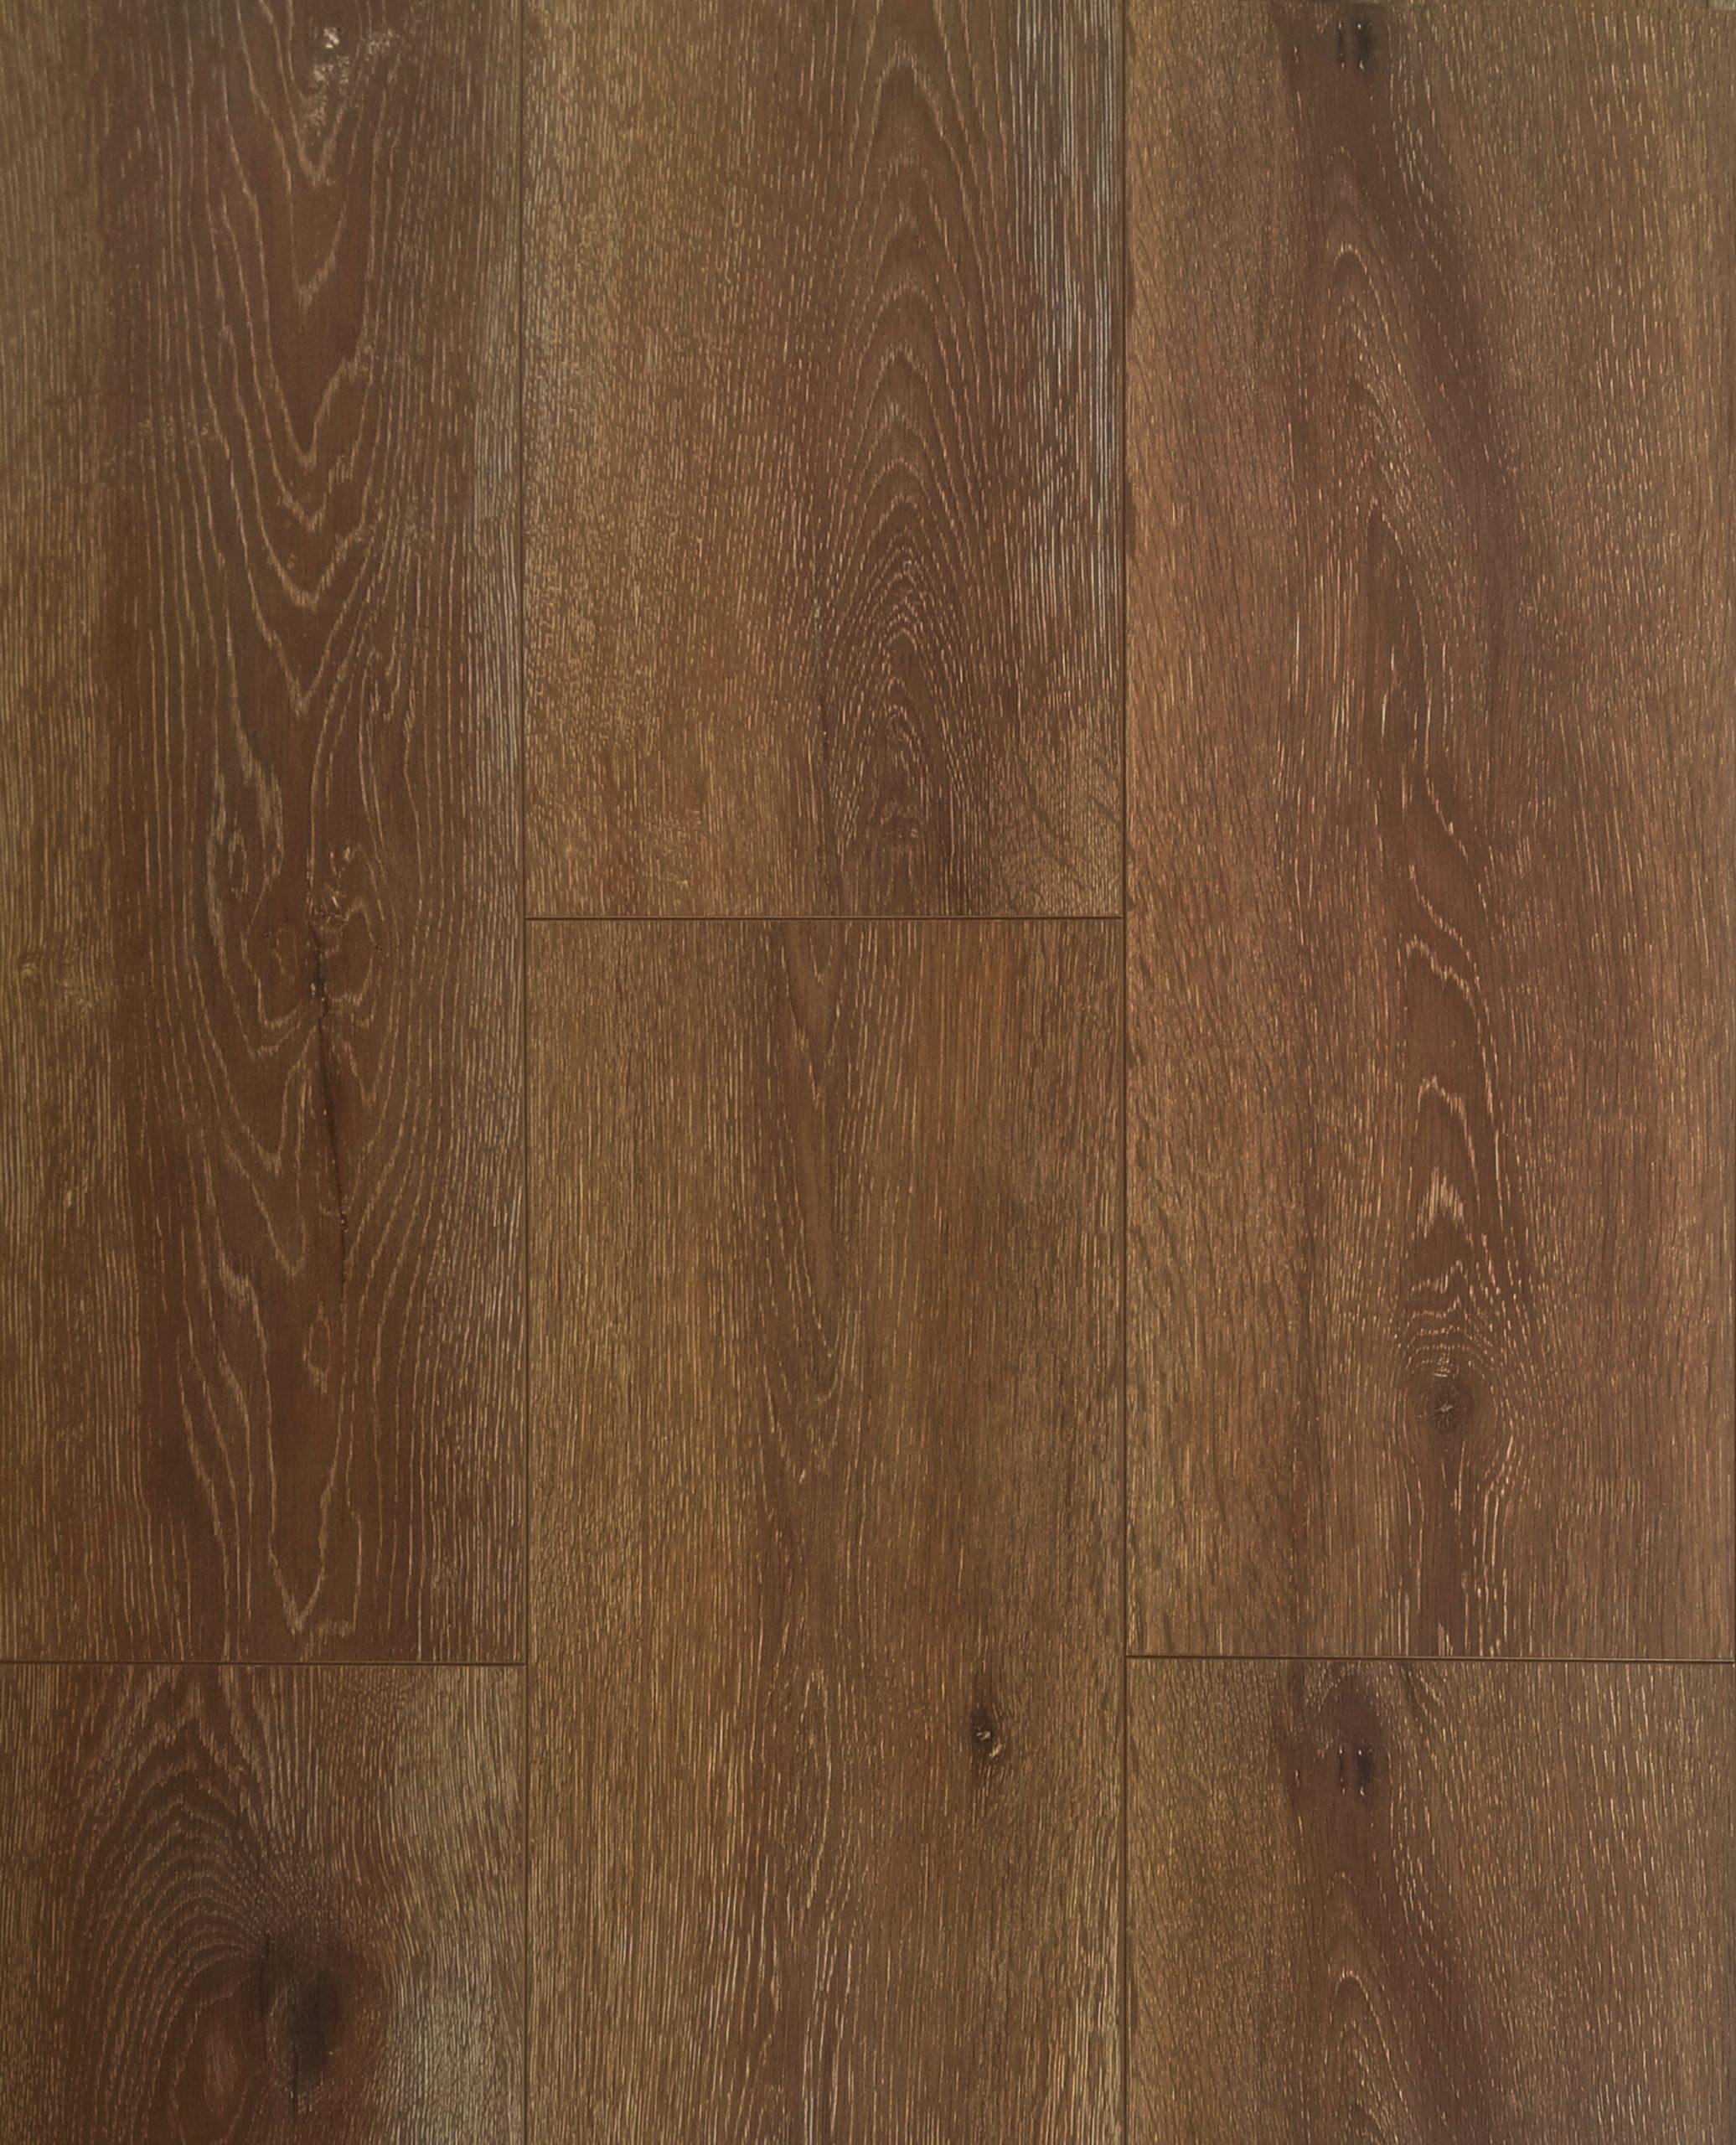 Washed-Oak-Chestnut-Laminate-Flooring-TG8109